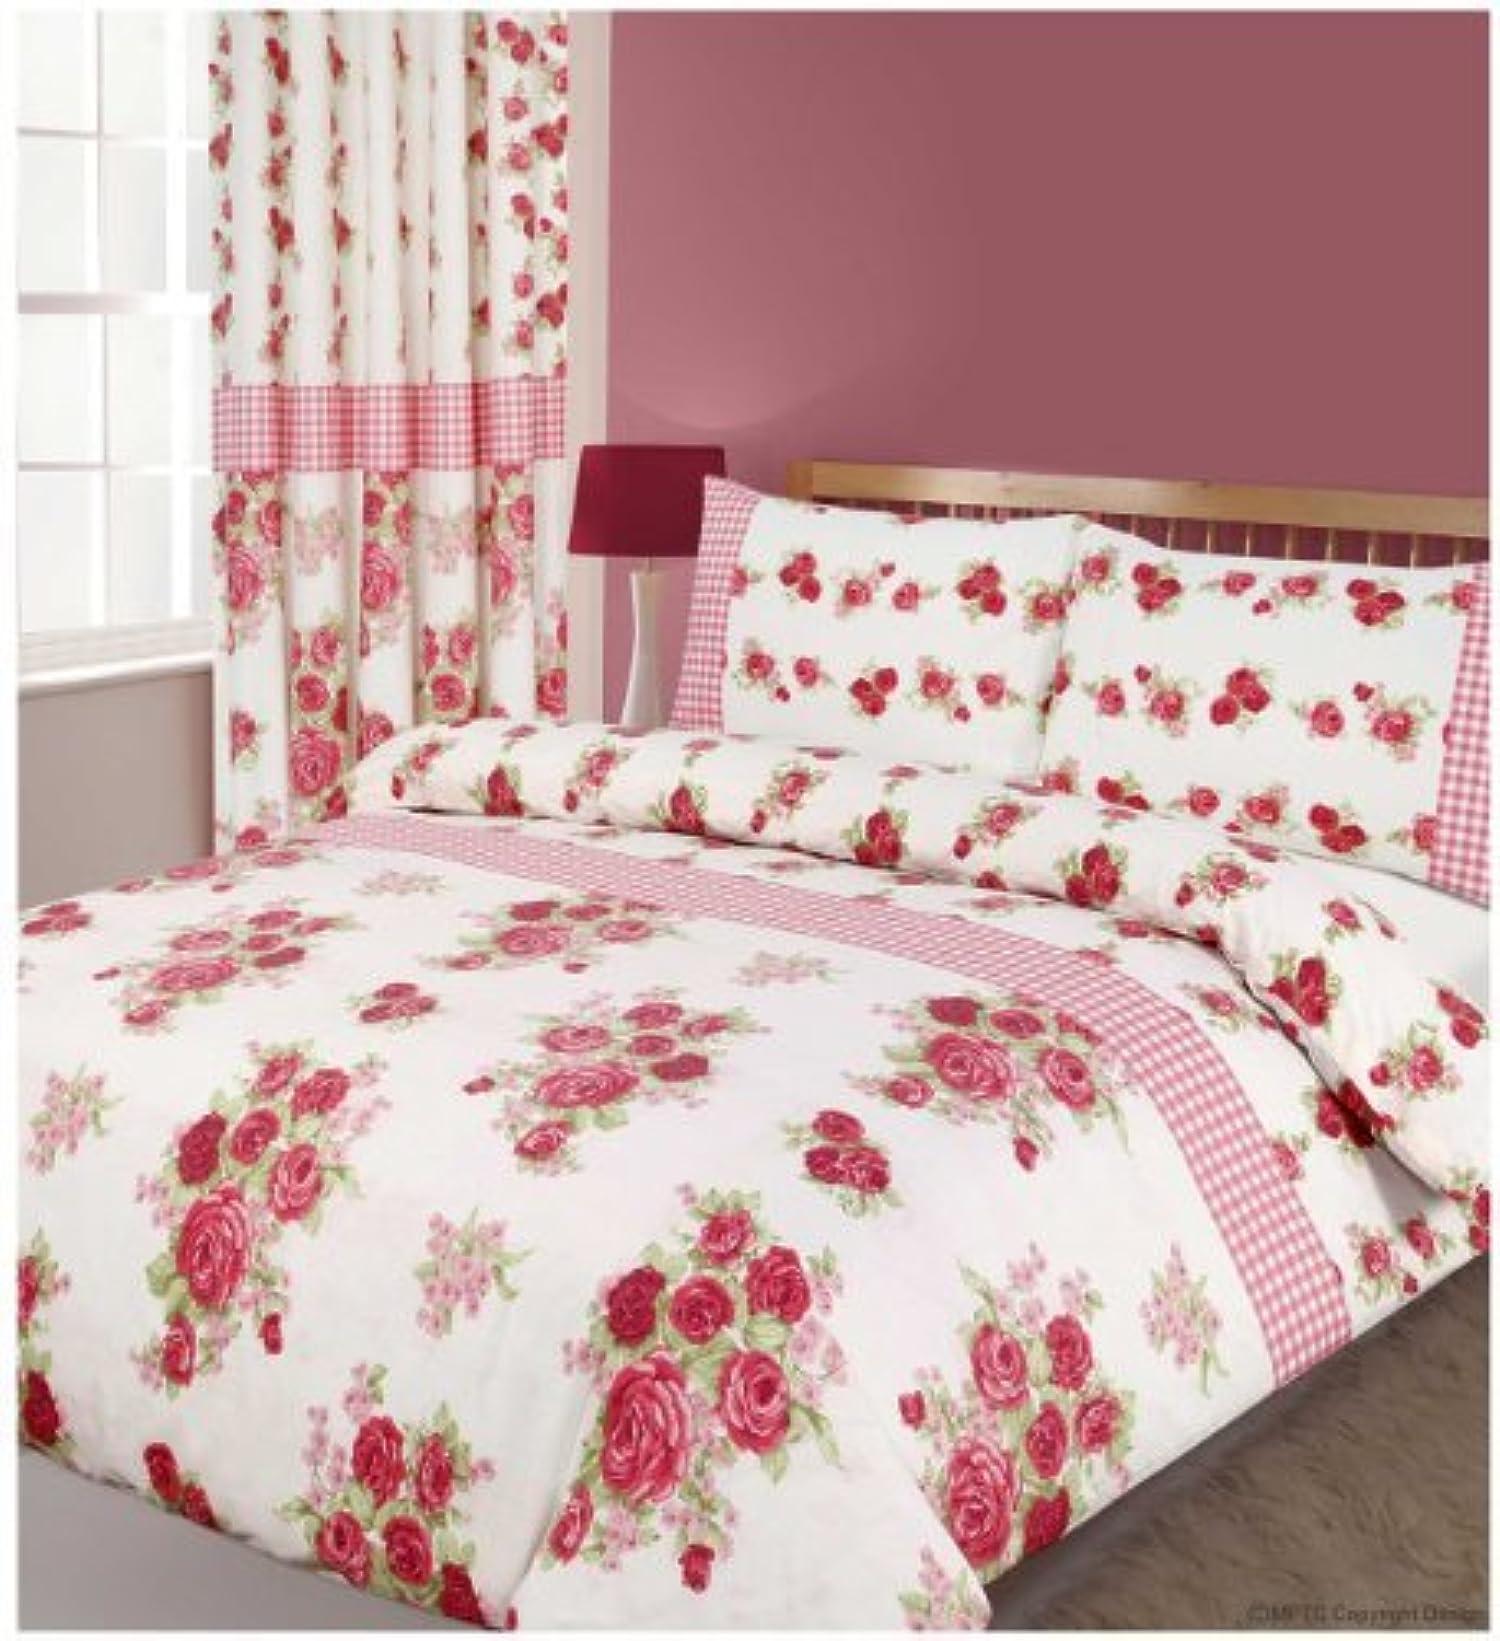 primrose pink printed floral check king size bed duvet quilt cover bedding set modern urban. Black Bedroom Furniture Sets. Home Design Ideas